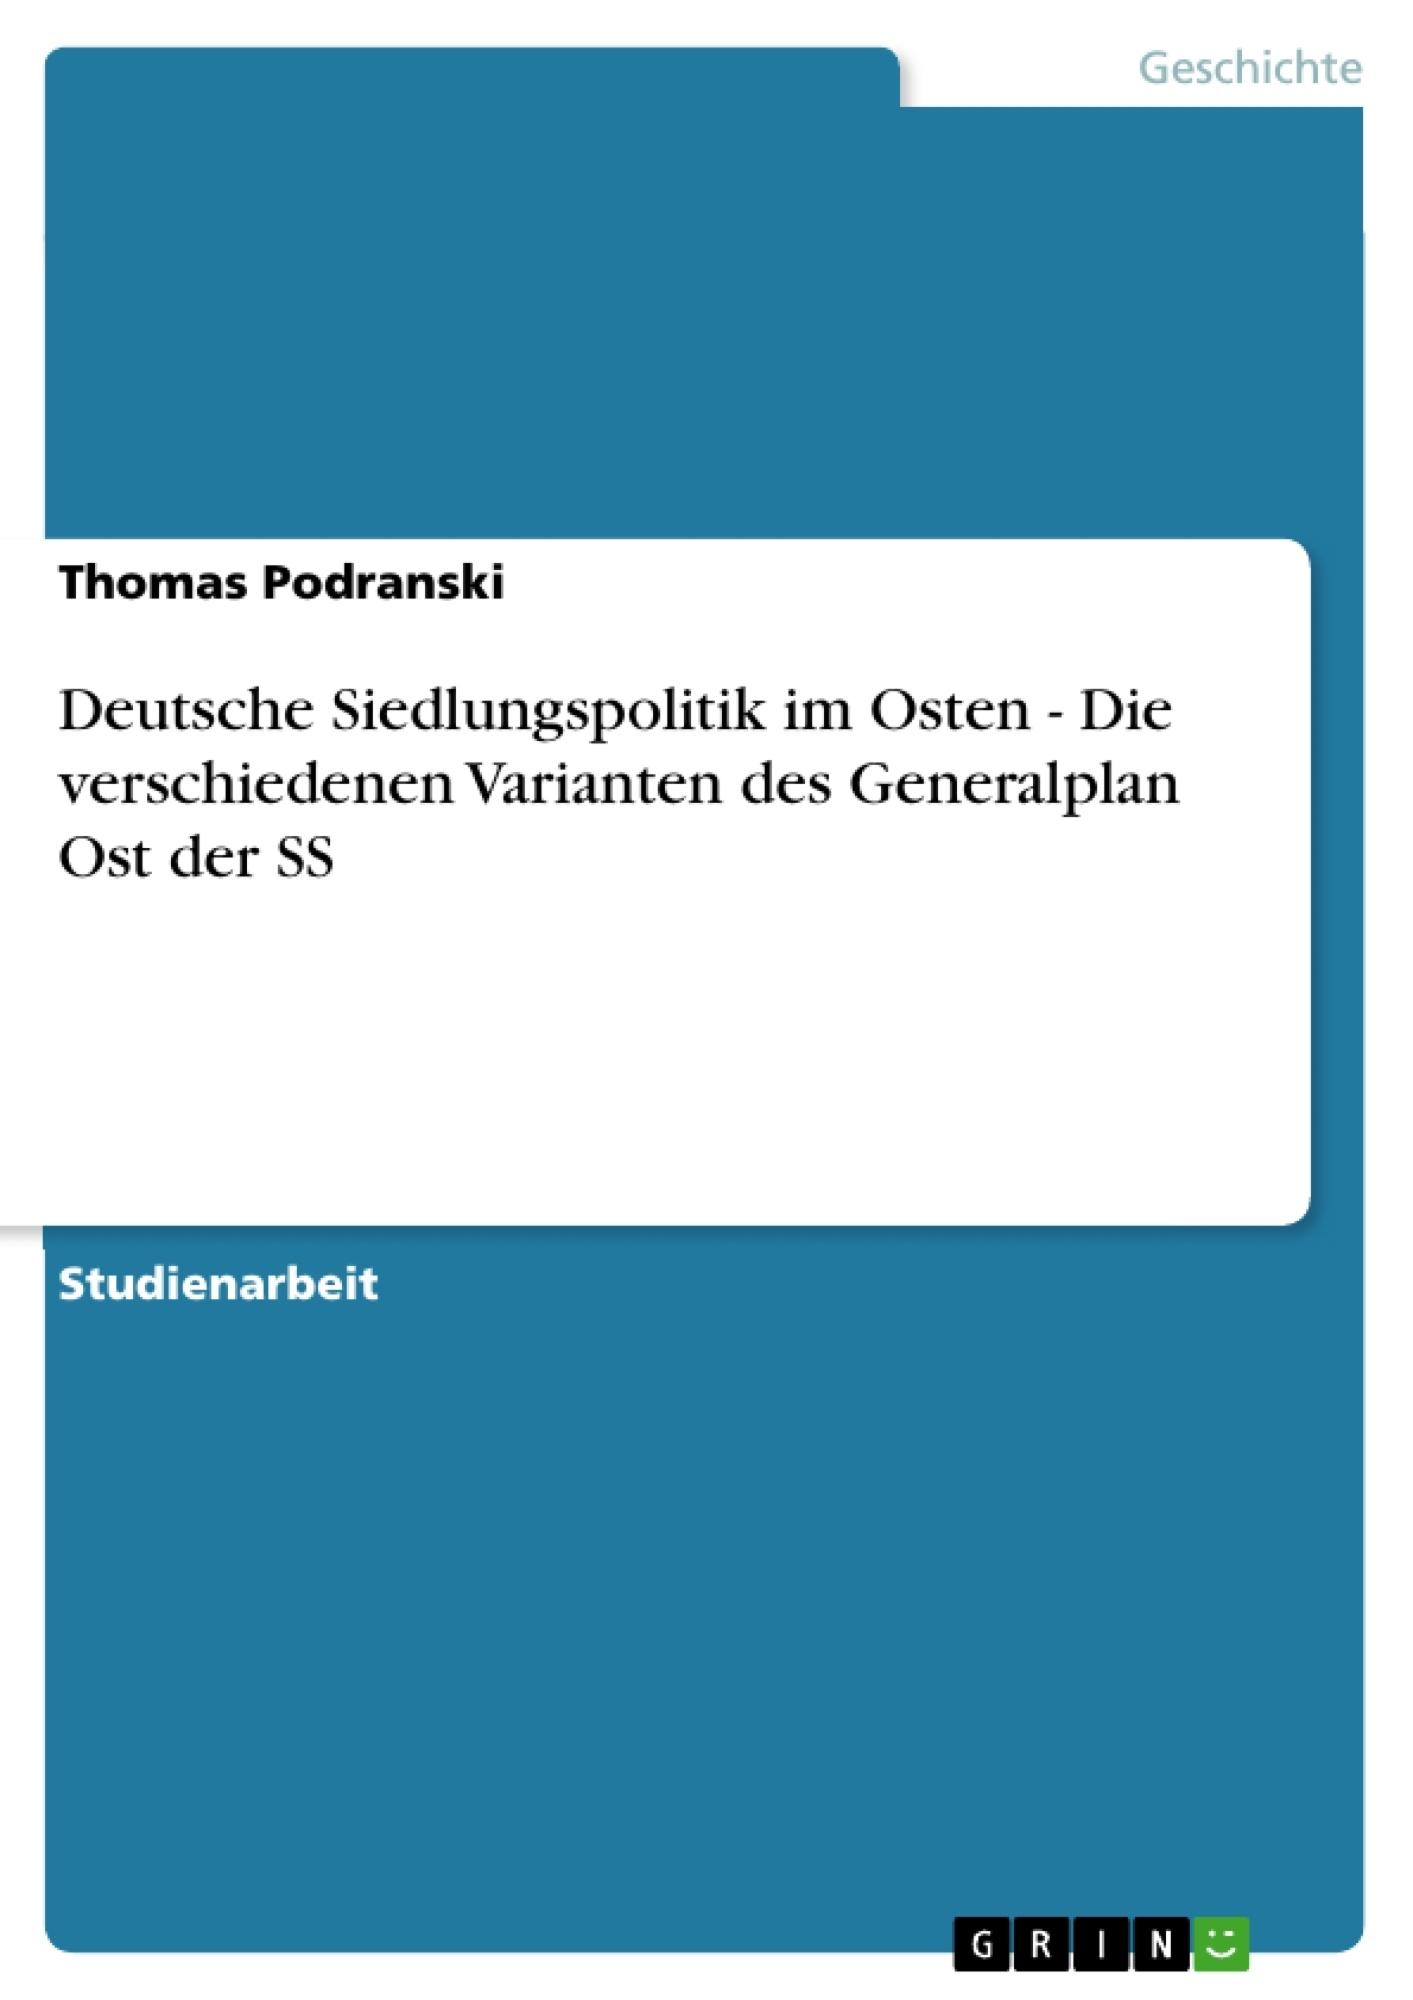 Titel: Deutsche Siedlungspolitik im Osten - Die verschiedenen Varianten des  Generalplan Ost  der SS